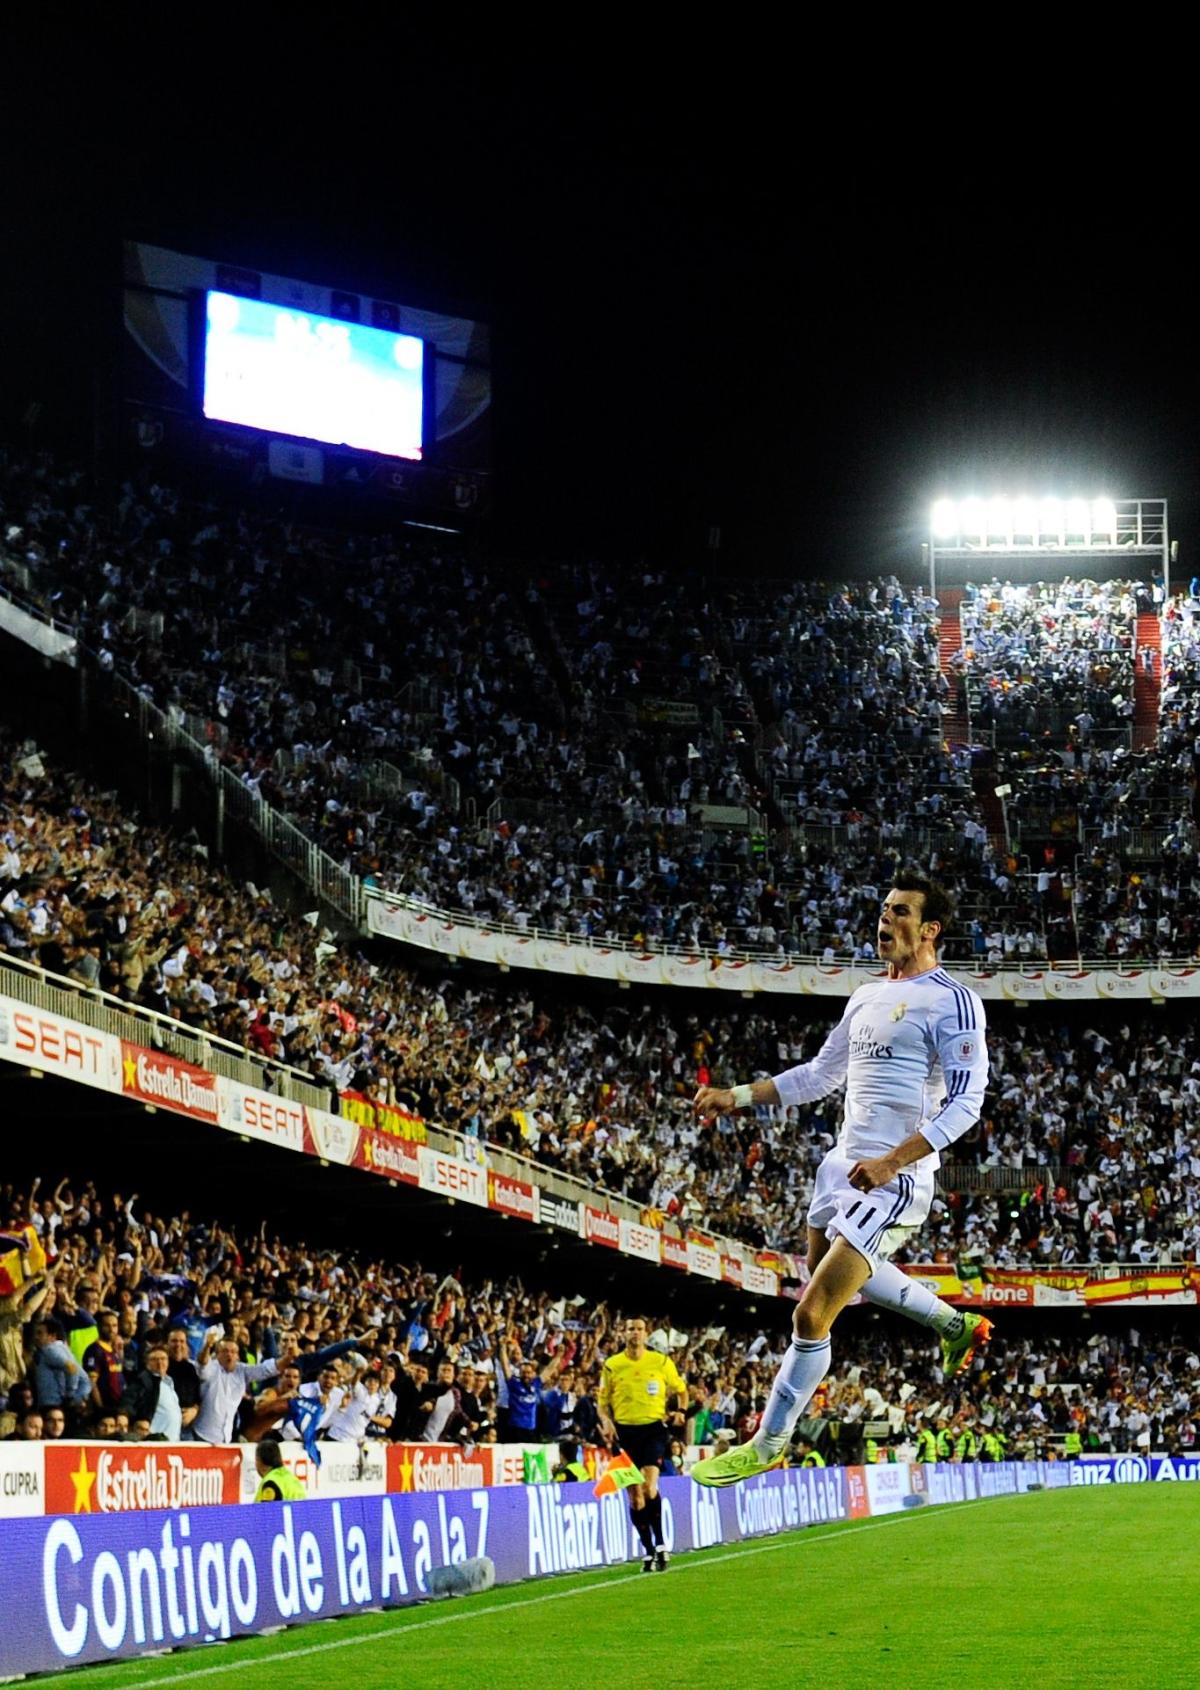 Bale, you beauty!